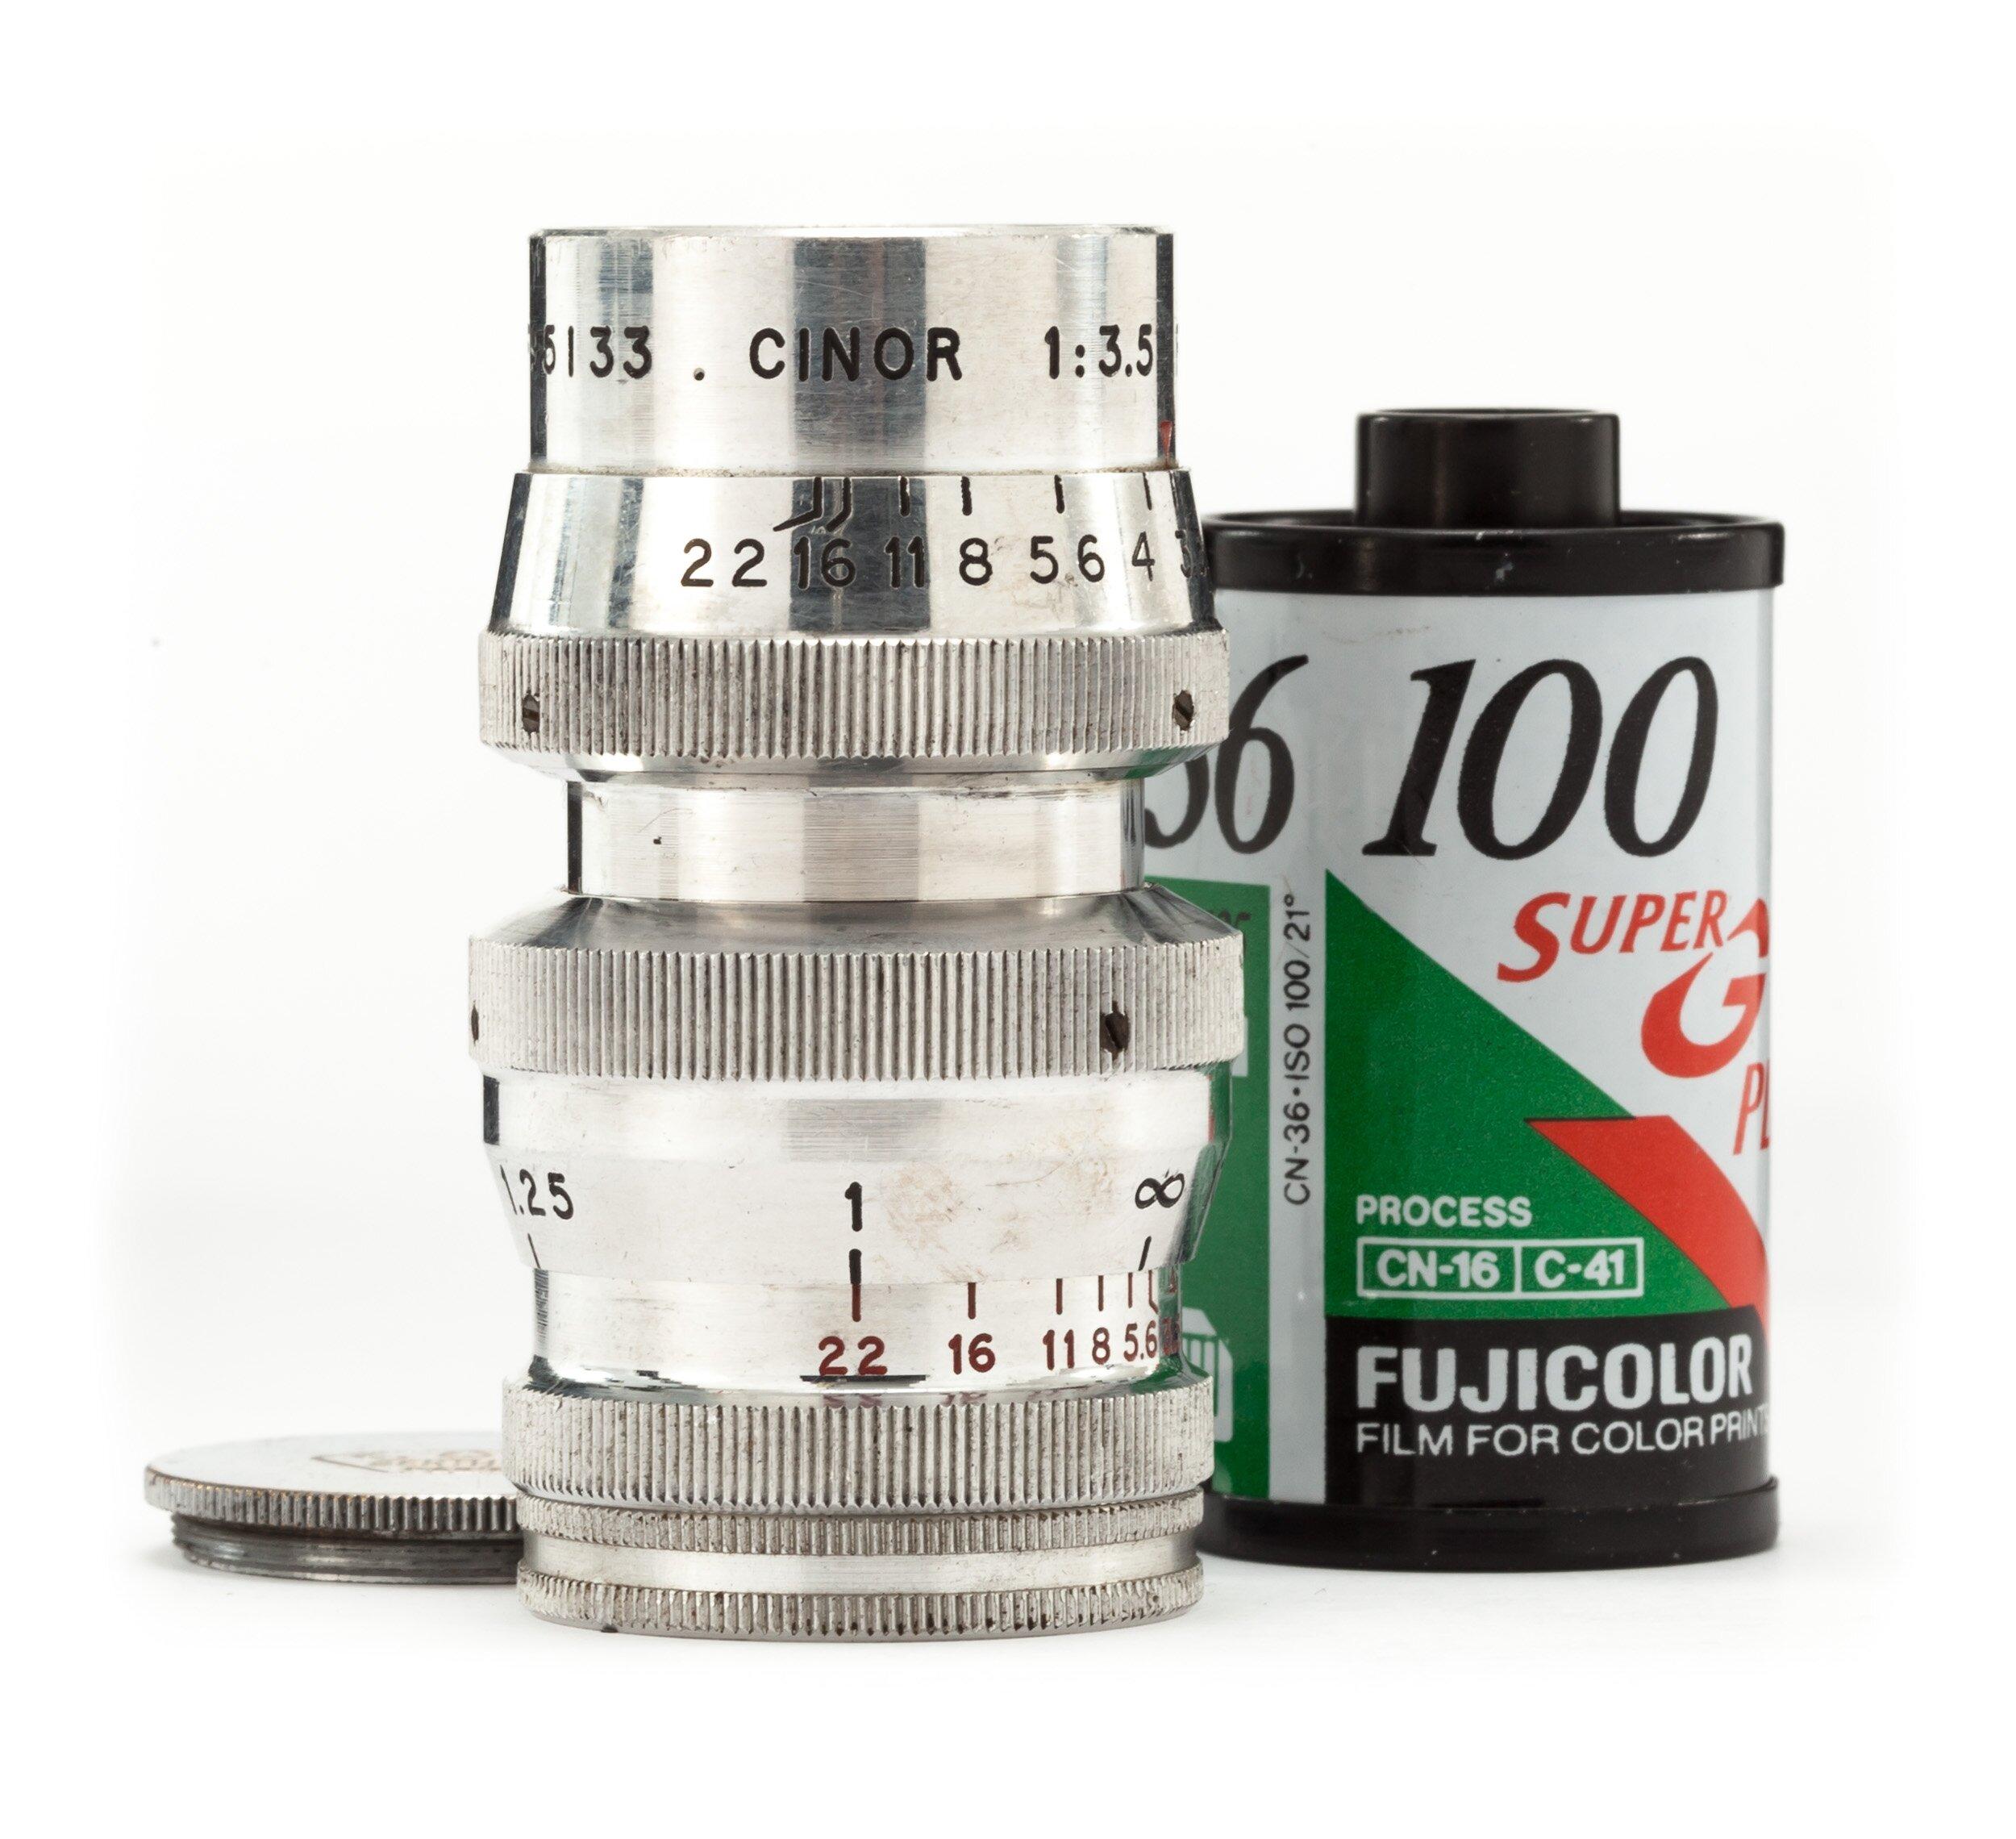 SOM Berthiot Paris 3,5/50mm Cinor